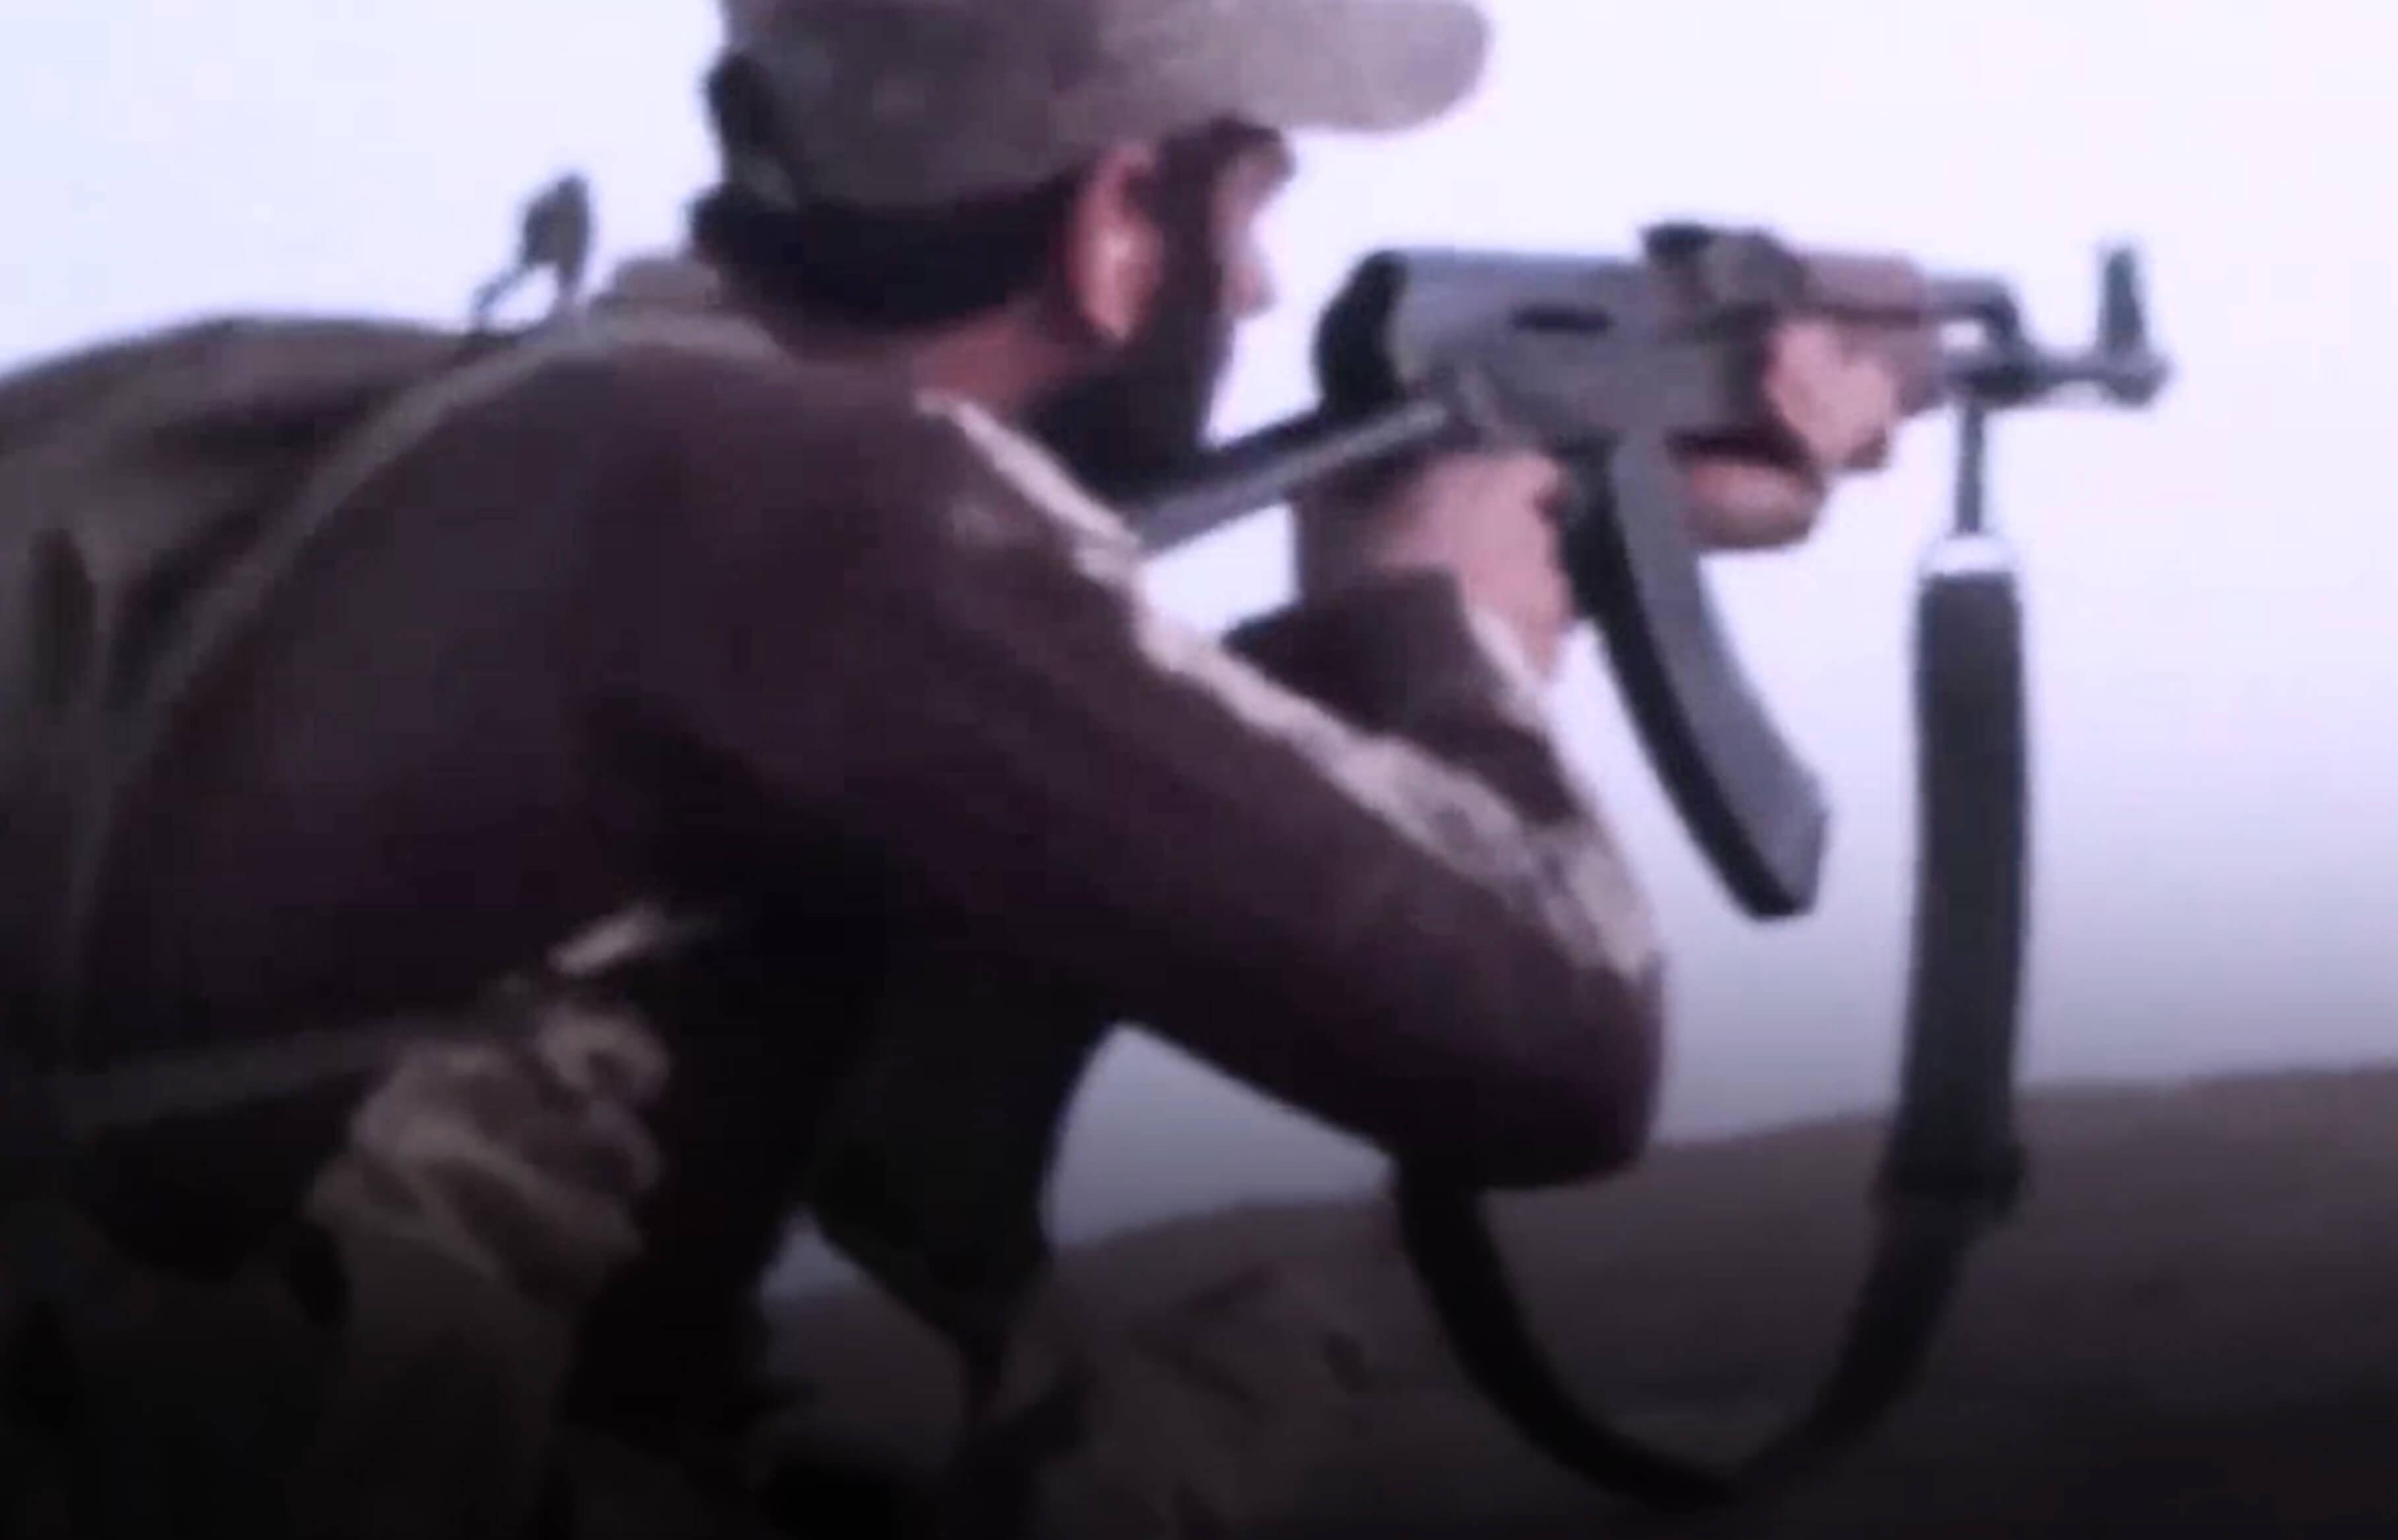 ISIS In Al-Shadadi